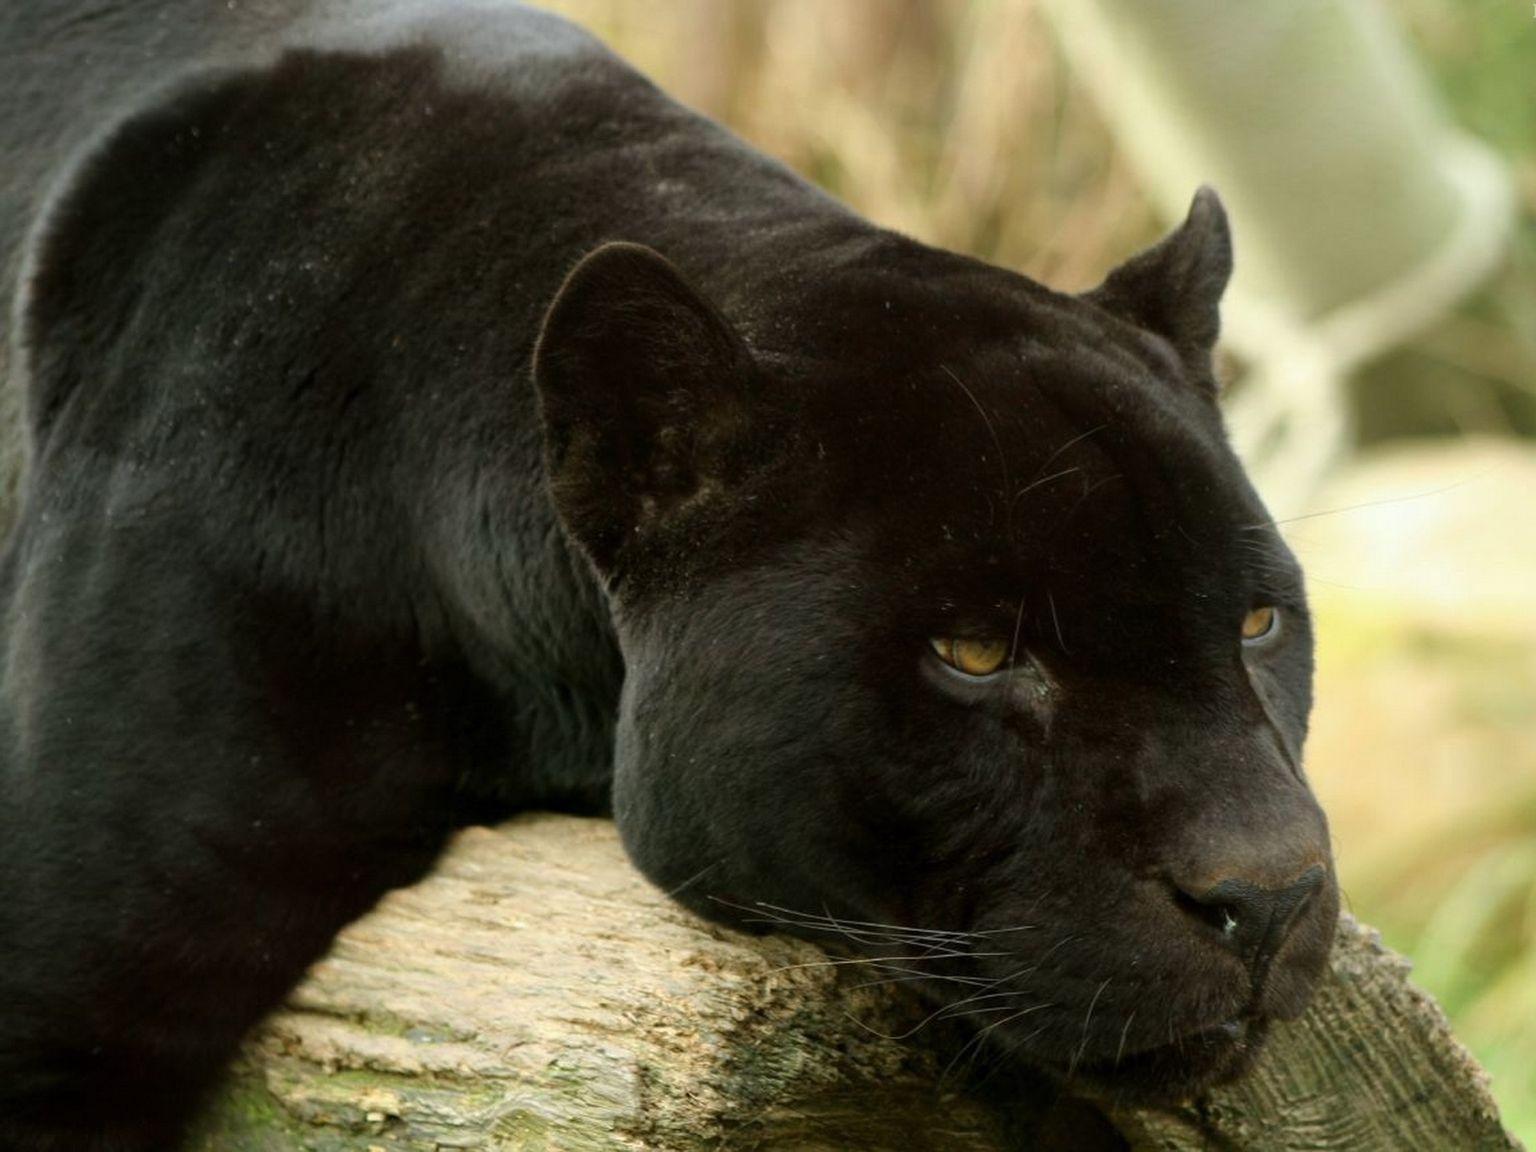 Красивые картинки животных пантер